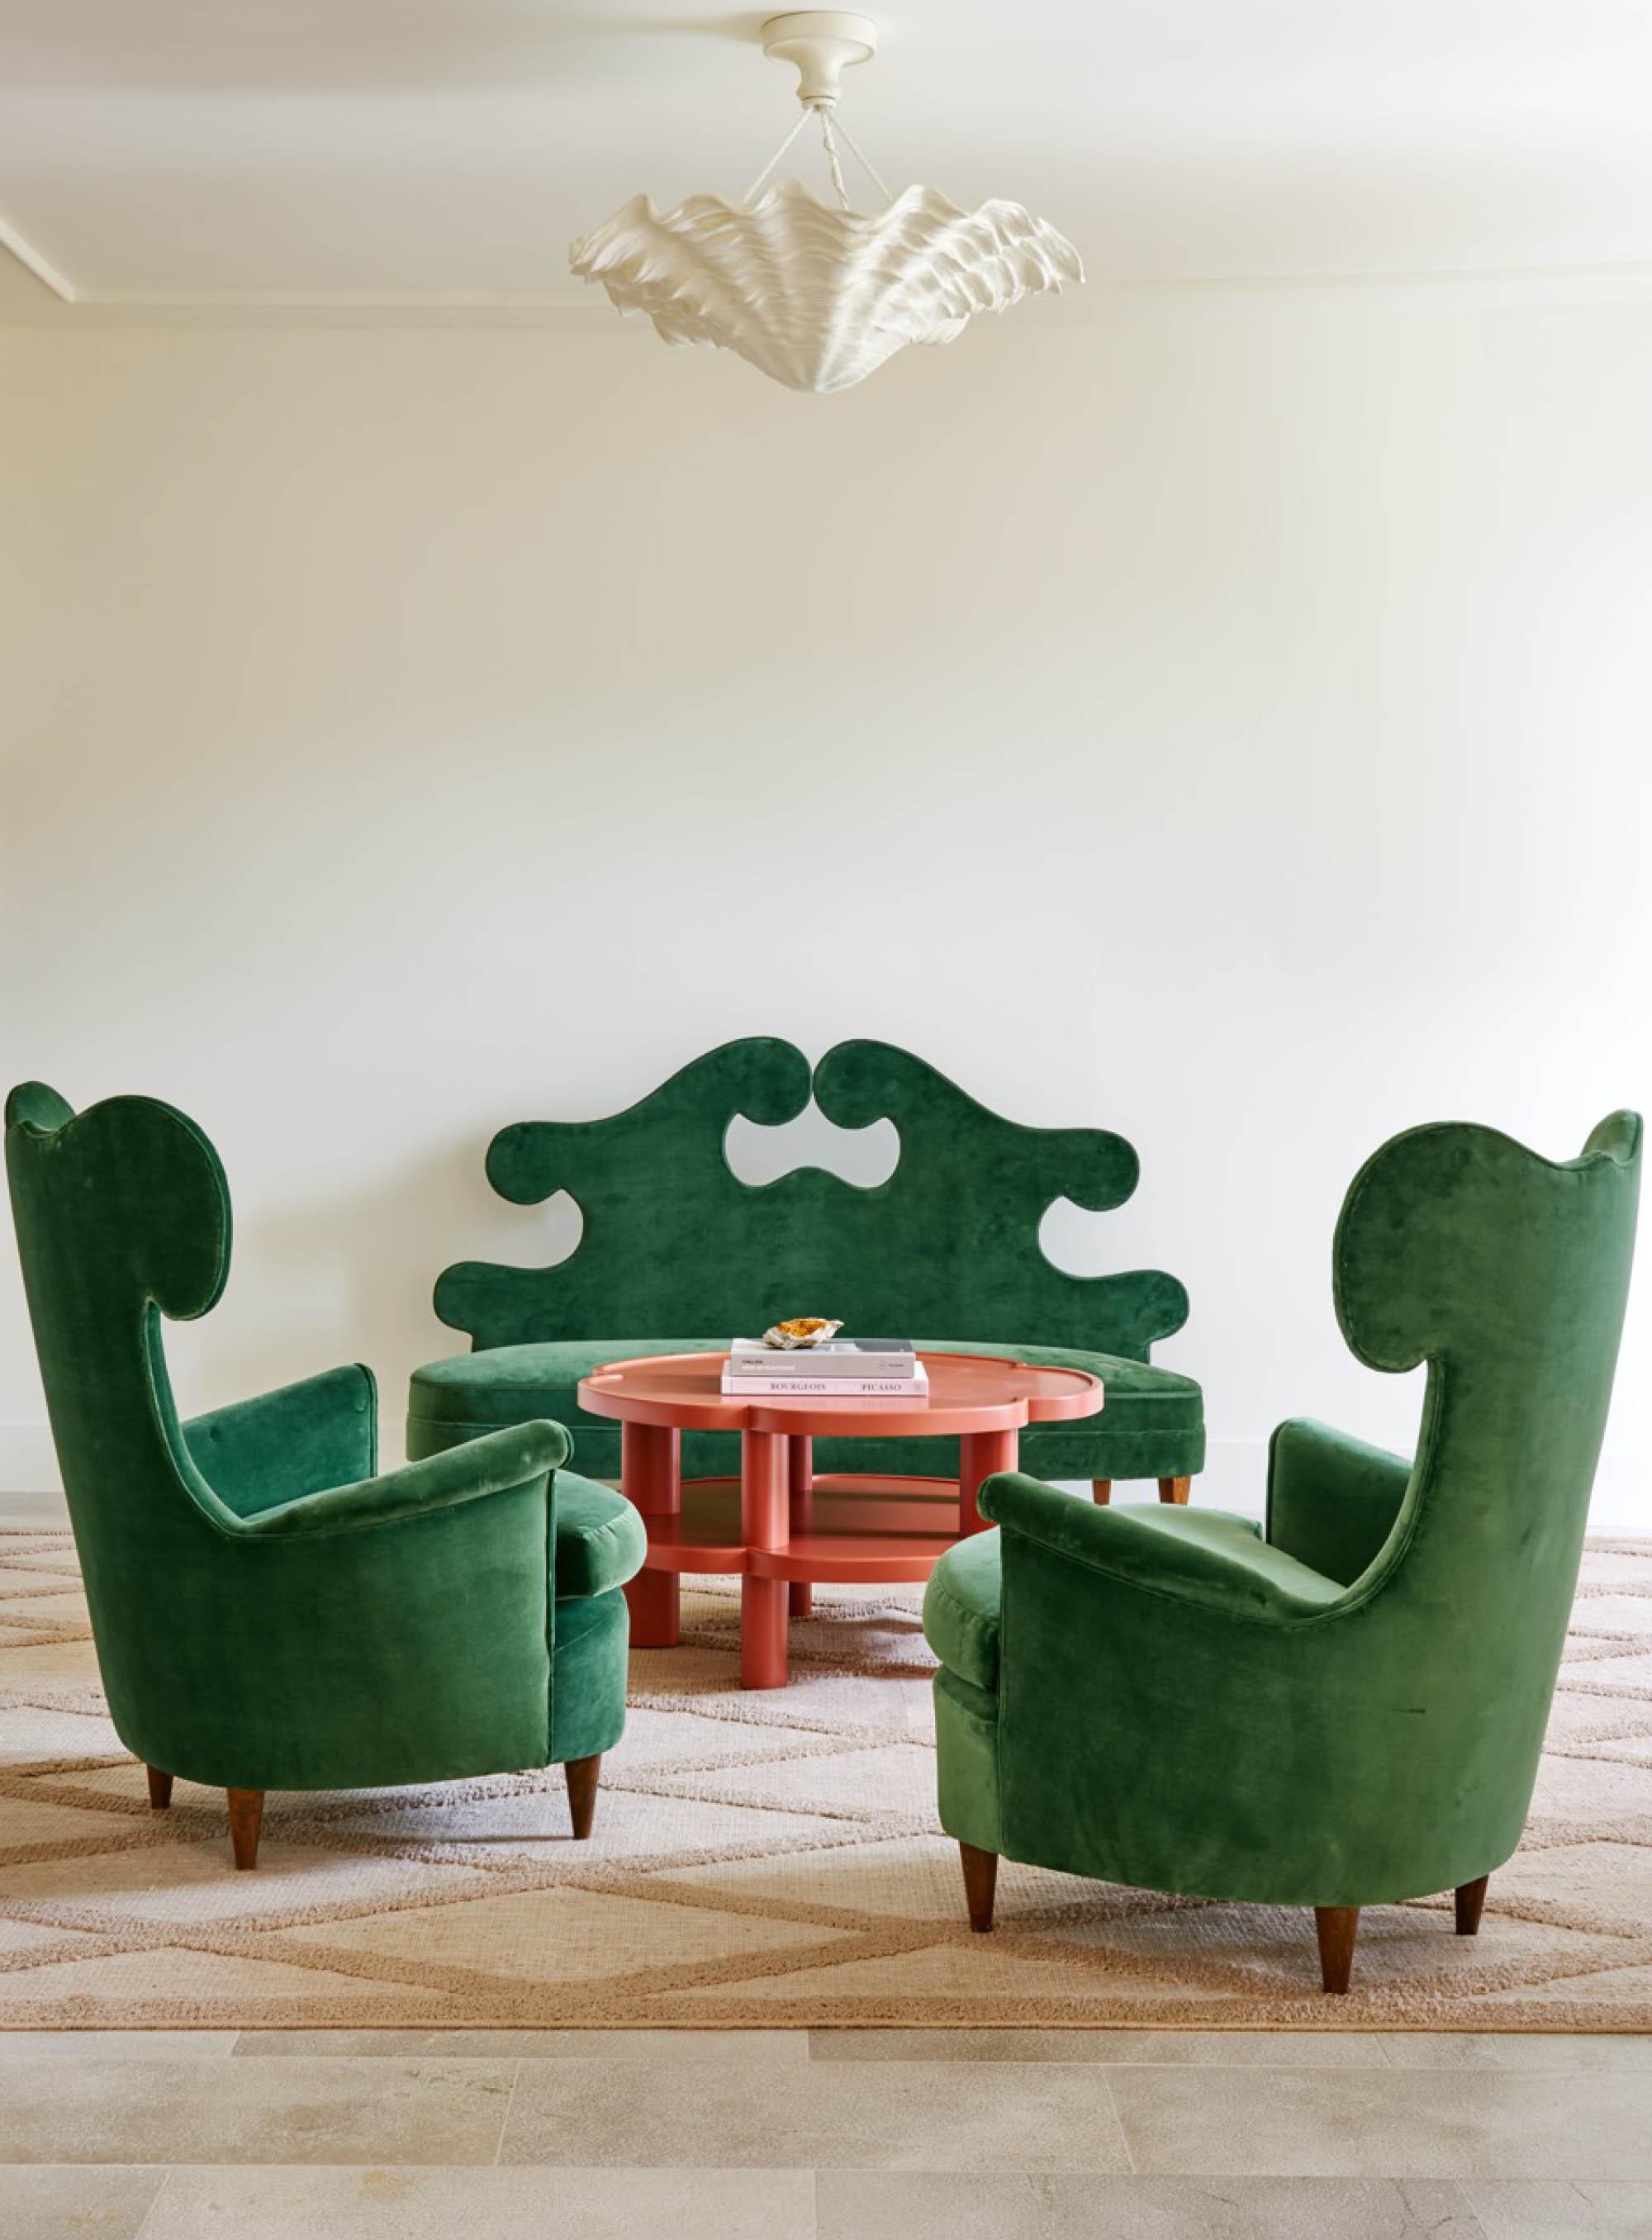 luis_laplace-Casa_Hauser_Menorca-3